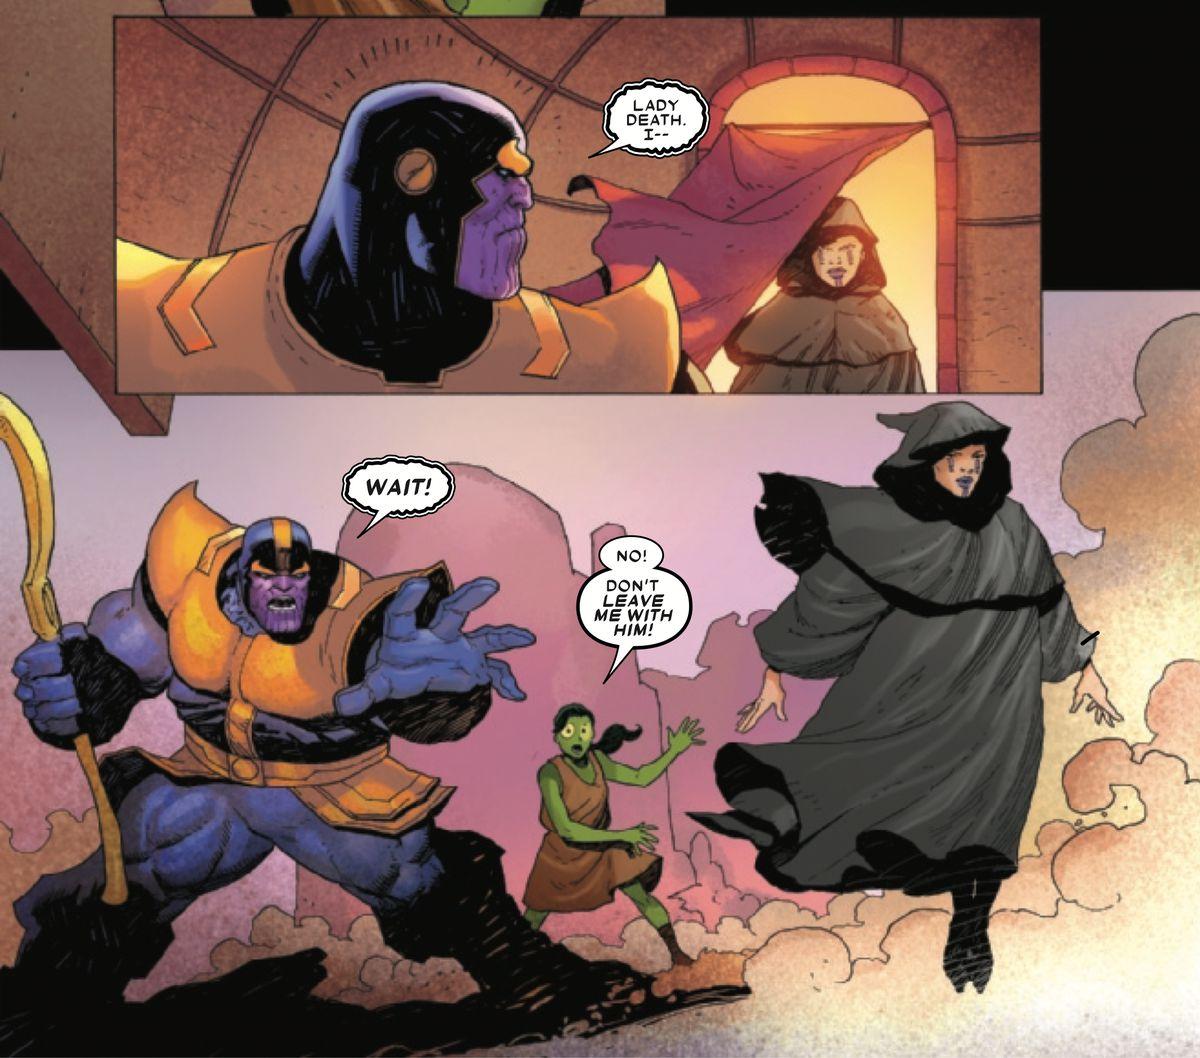 Marvel的Thanos#1在Thanos遇到Gamora方面做出了自己的改变